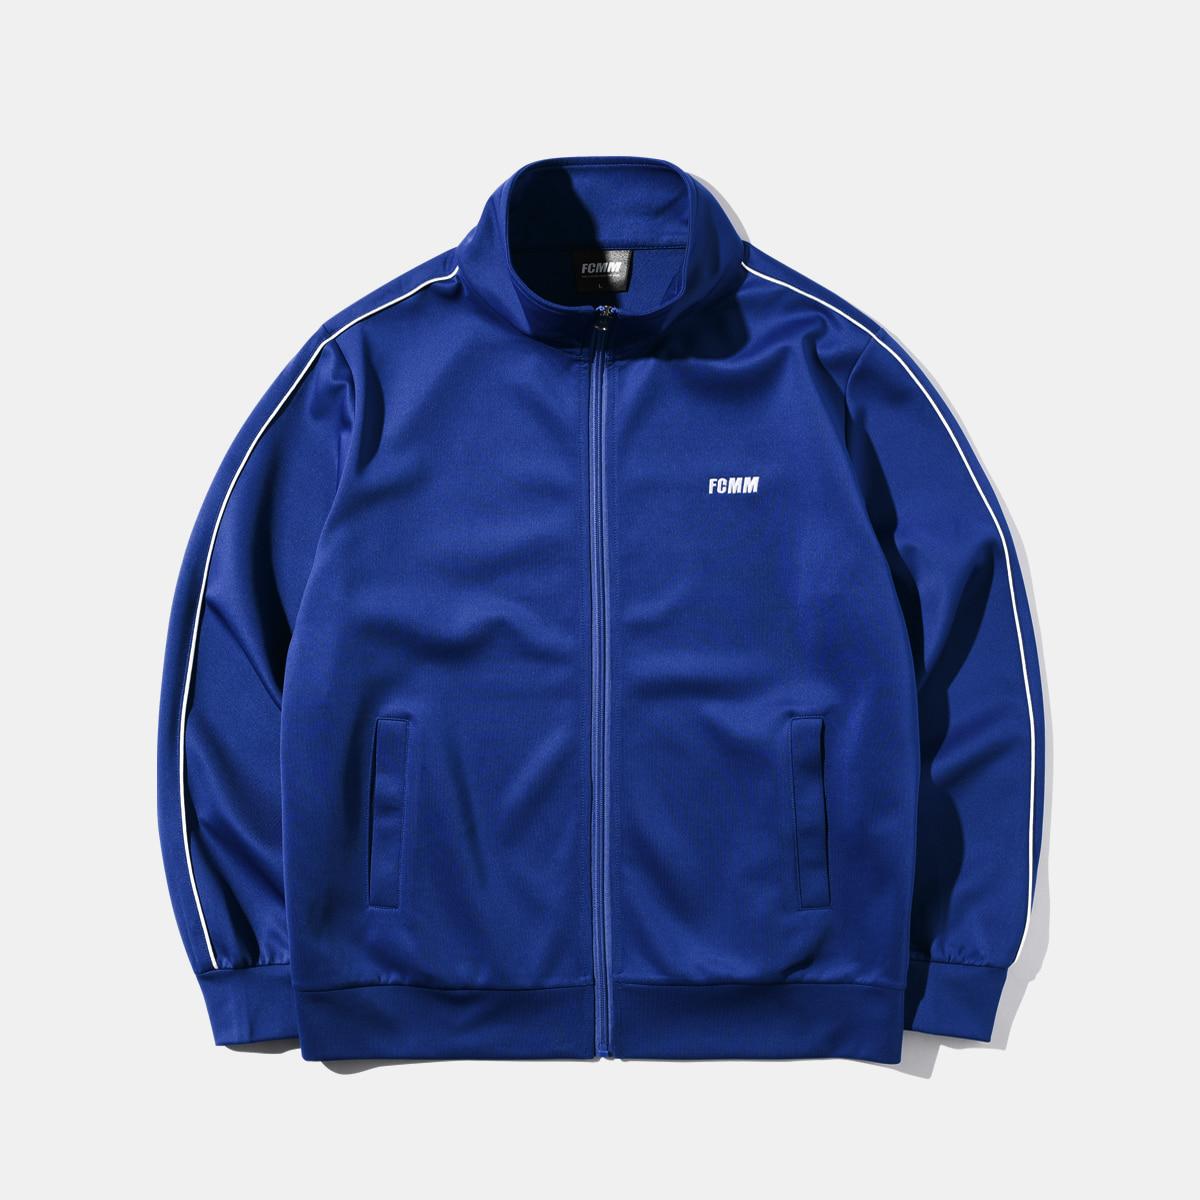 클럽 사이드라인 트랙자켓 - 블루